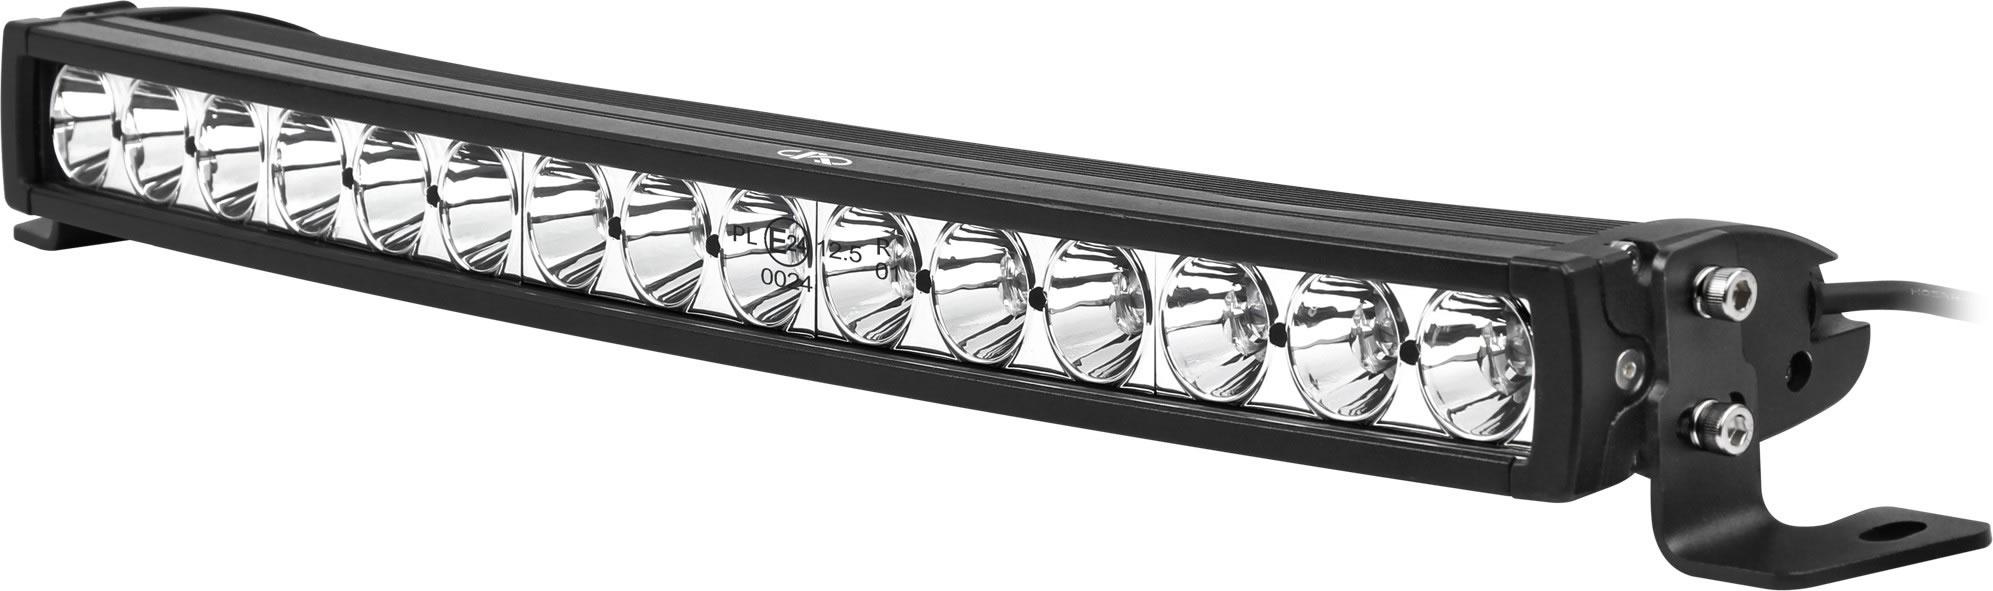 LED ramp 15x5 W=75W CURVED